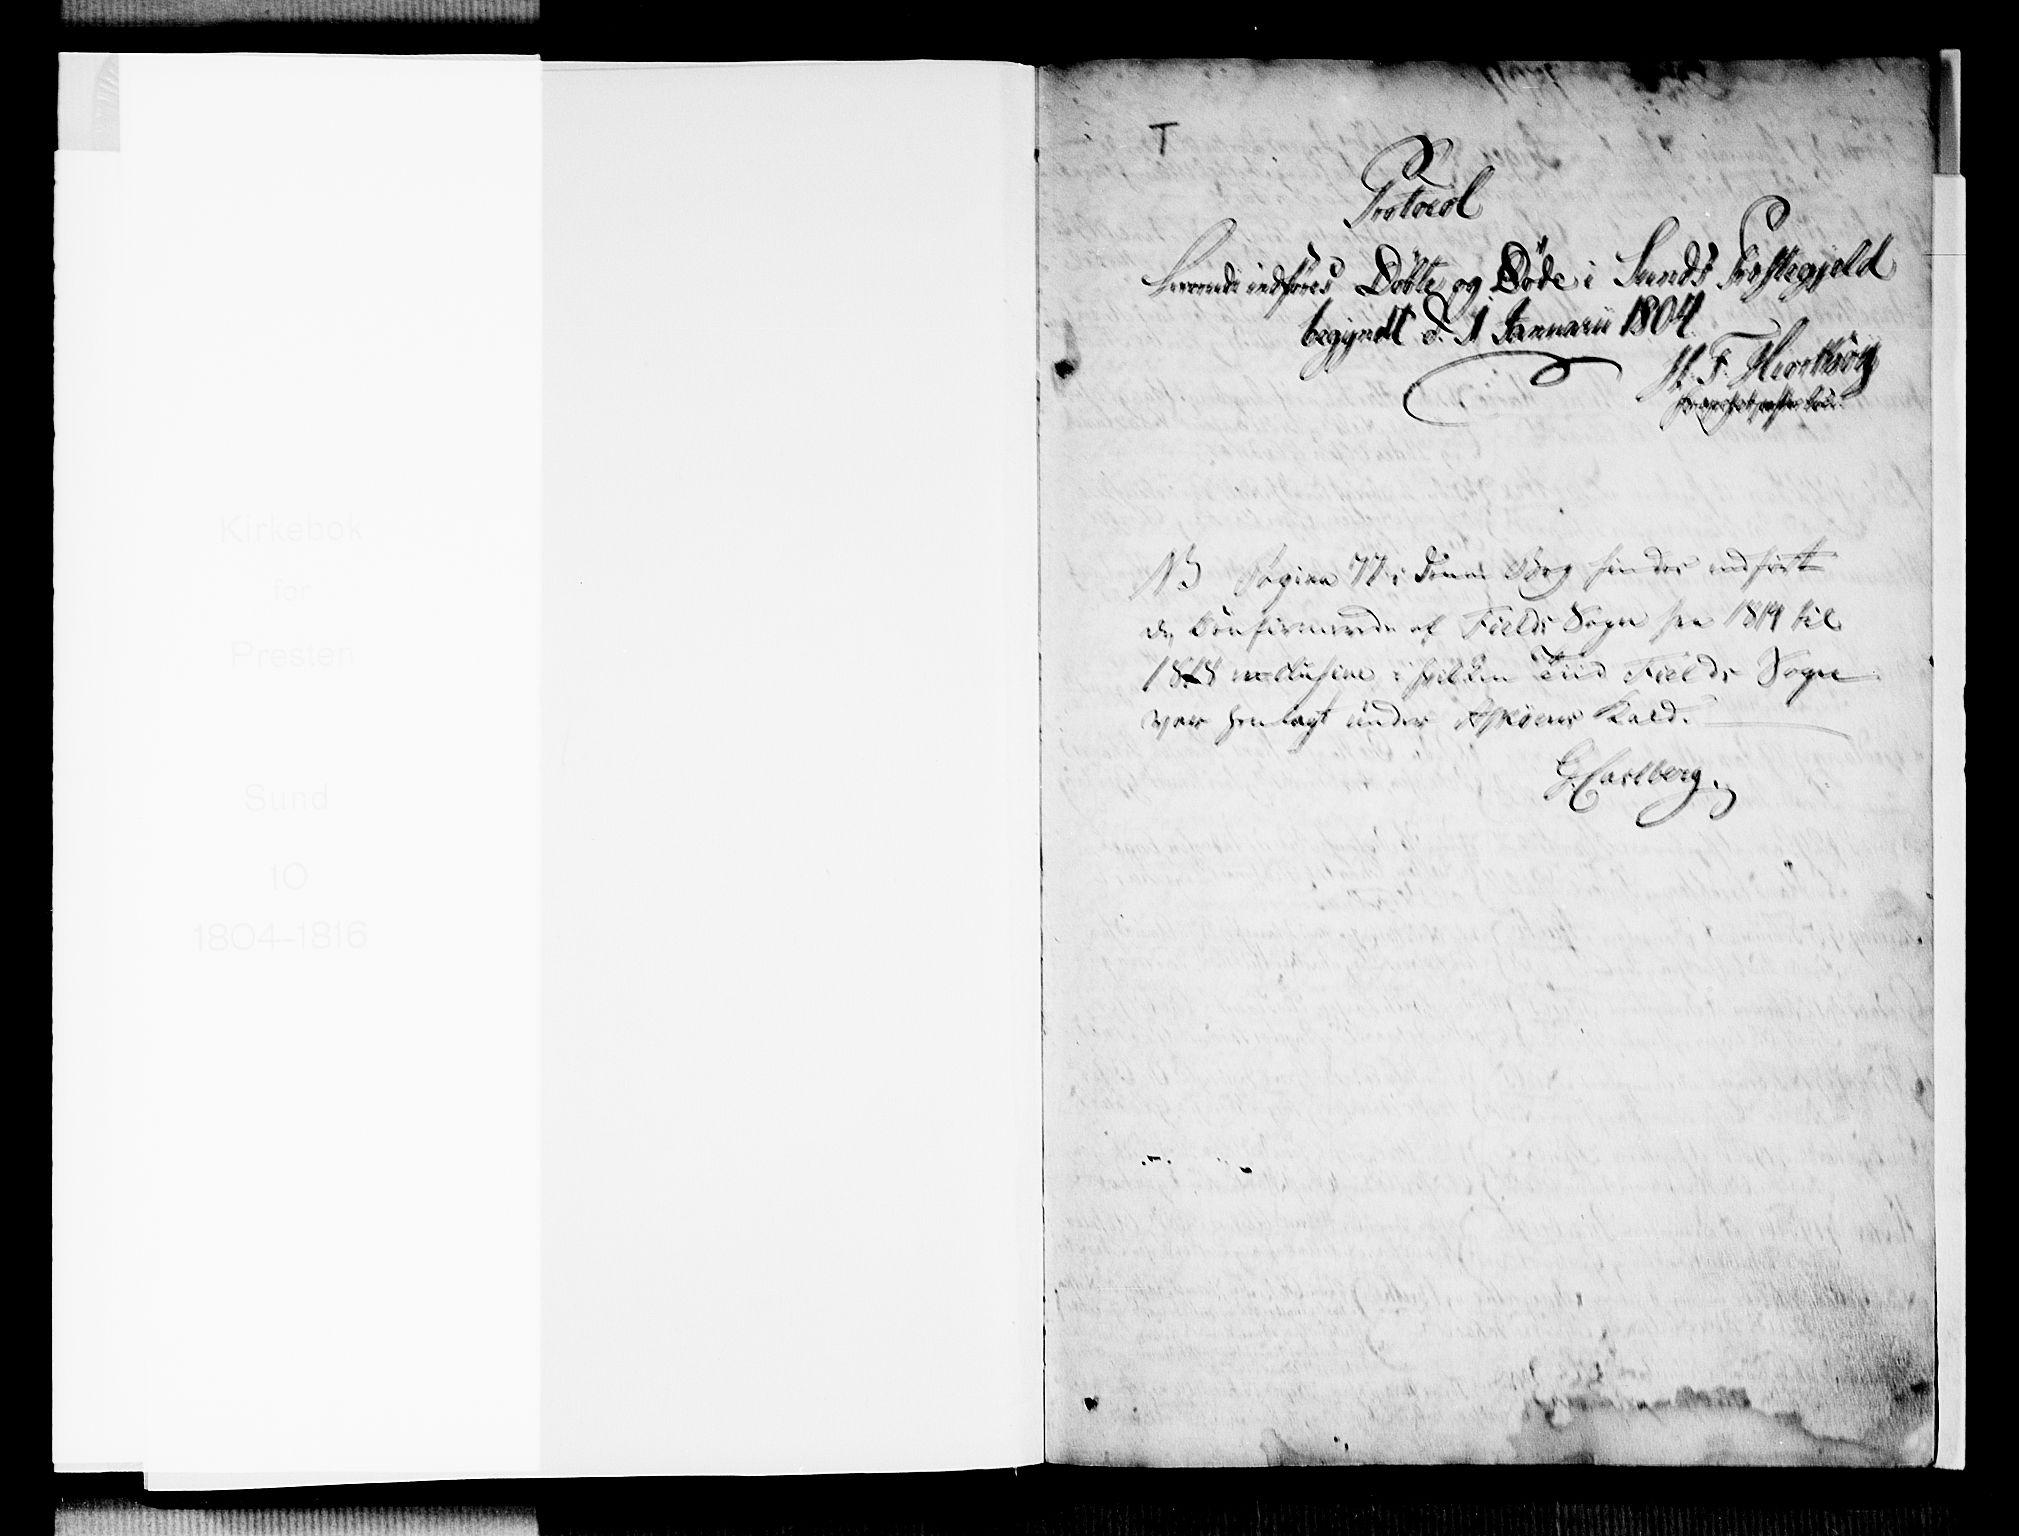 SAB, Sund sokneprestembete, Ministerialbok nr. A 10, 1804-1818, s. 0-1